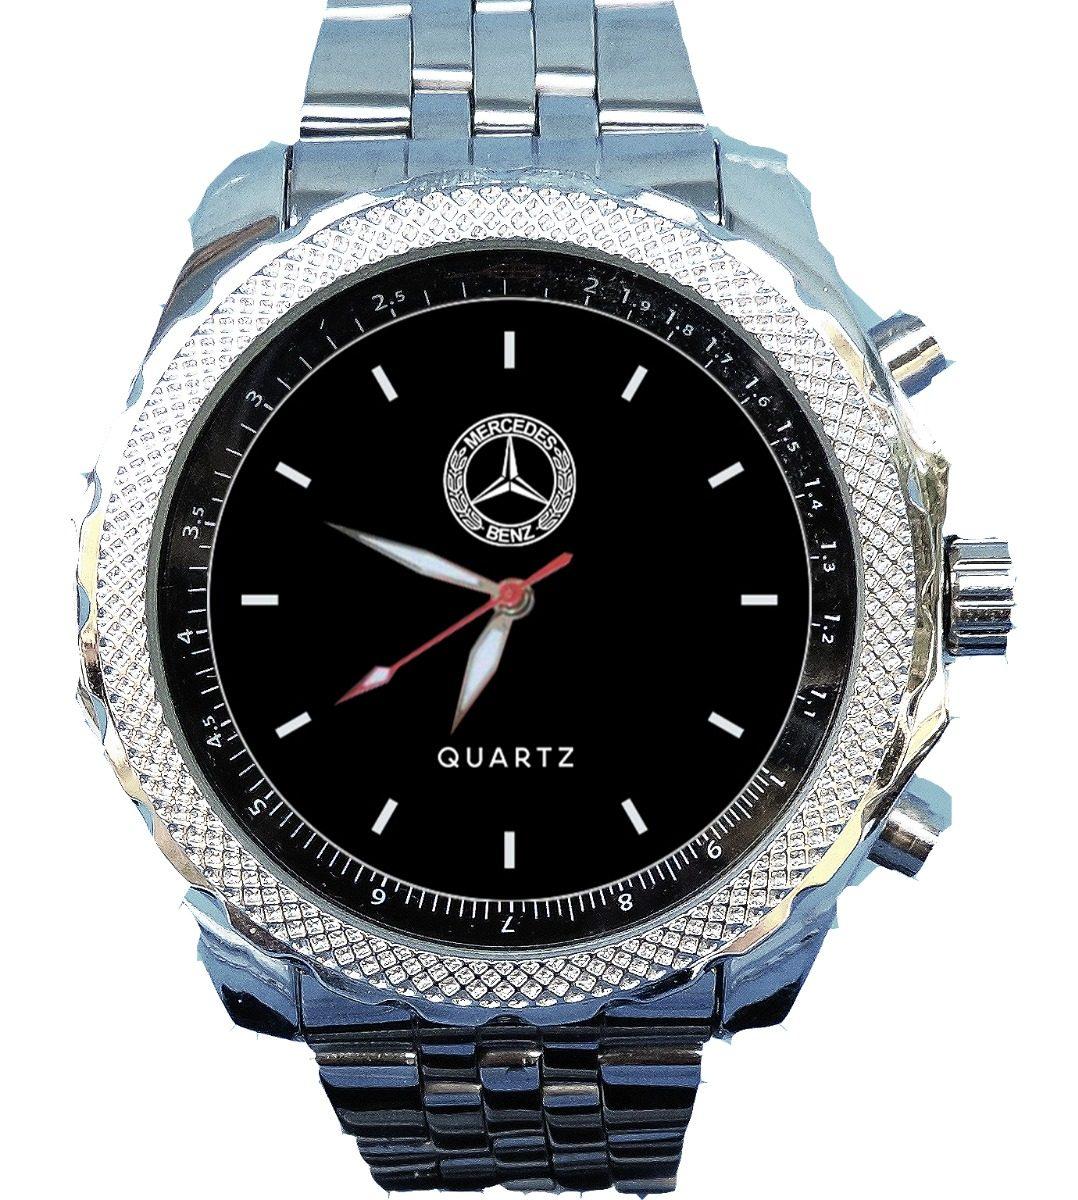 d77894cd7e9 Relógio Mercedes Benz Personalizado Caixa Breitling - R  199